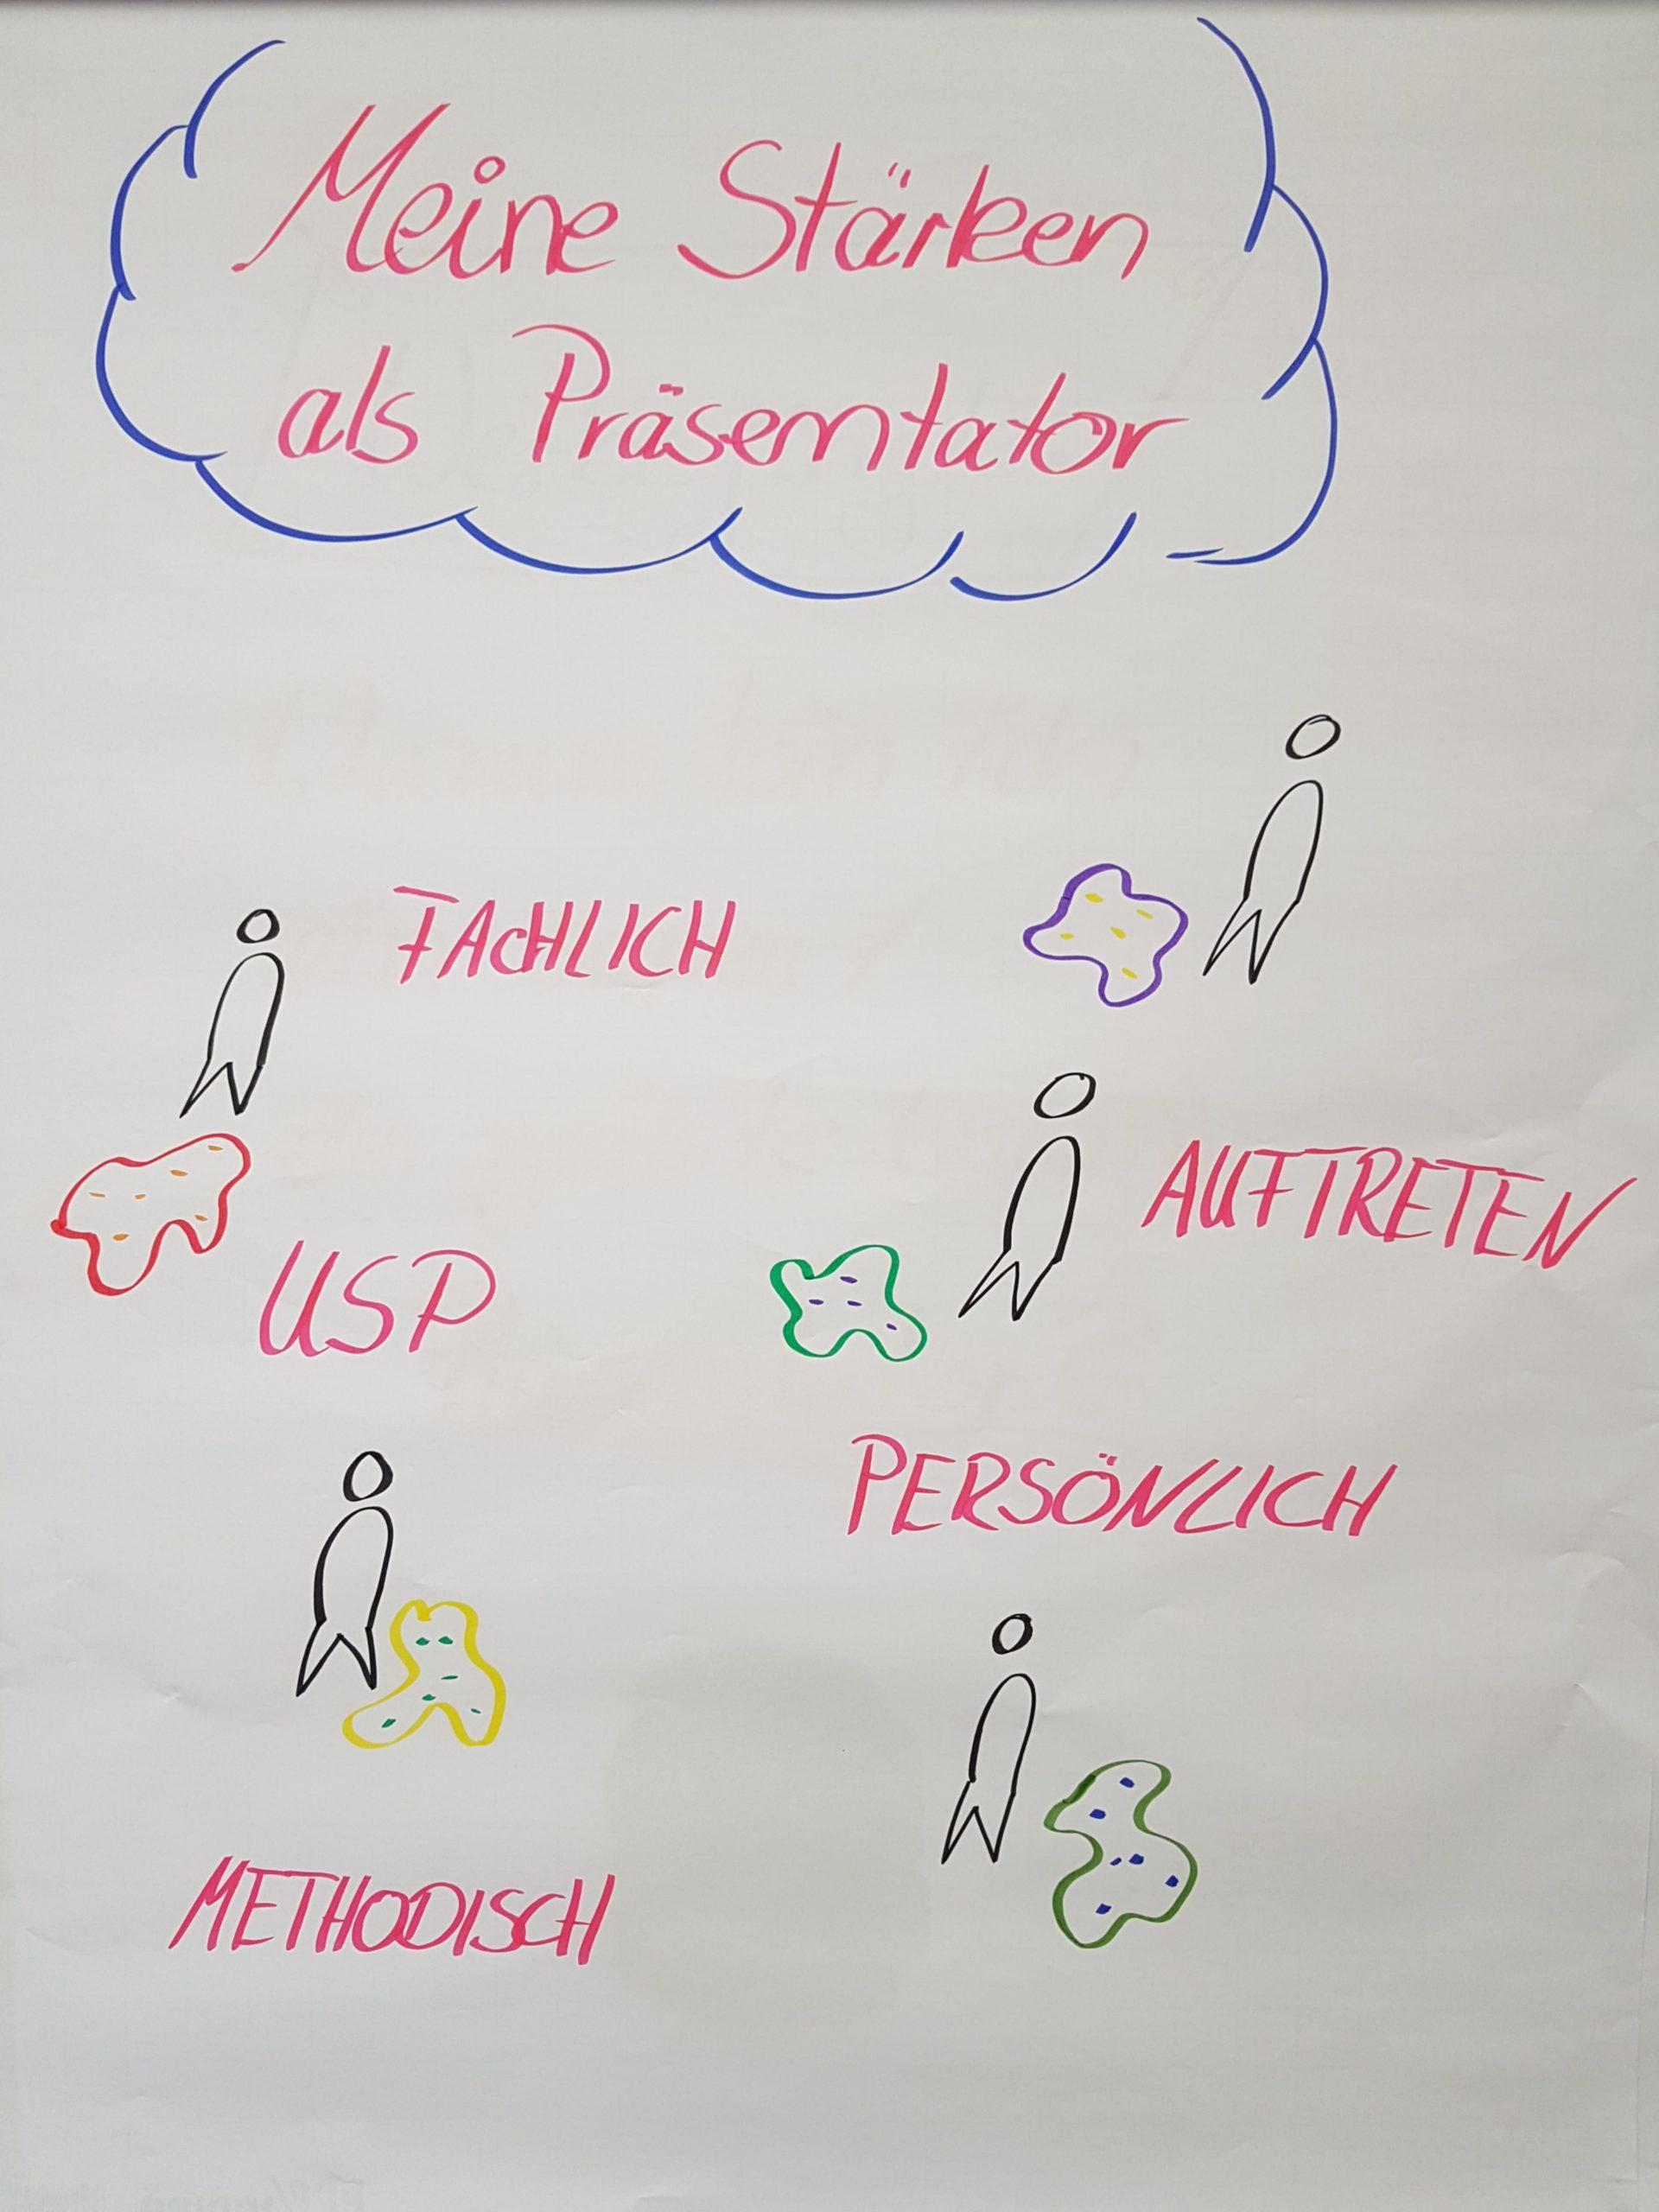 Mehrere handgezeichnete Figuren, die sich mit ihrem USP als Präsentation beschäftigen